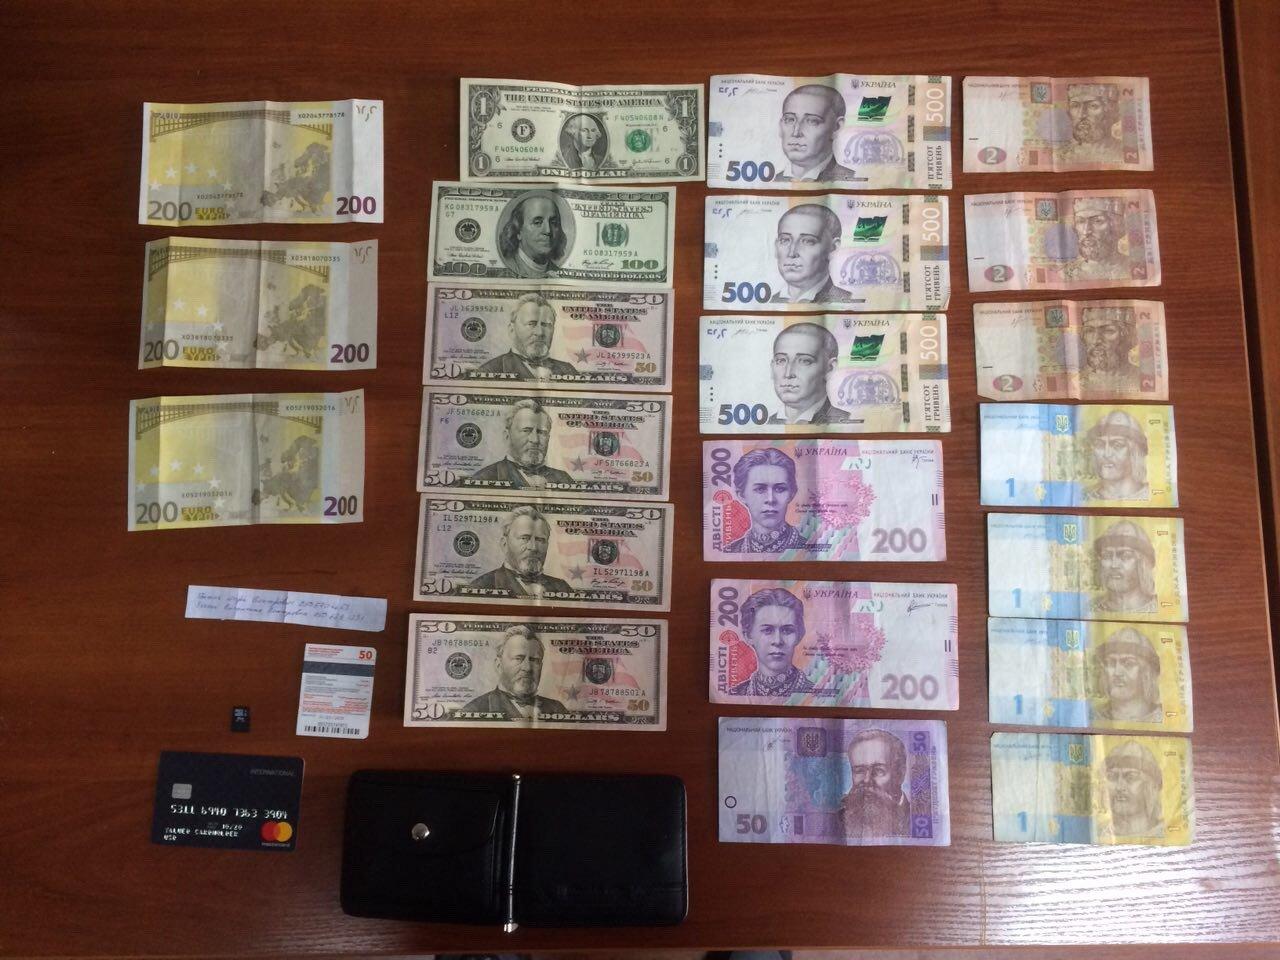 Киберполиция задержала полтавского хакера, который нанёс ущерба по всему миру на сотни миллионов евро, фото-4